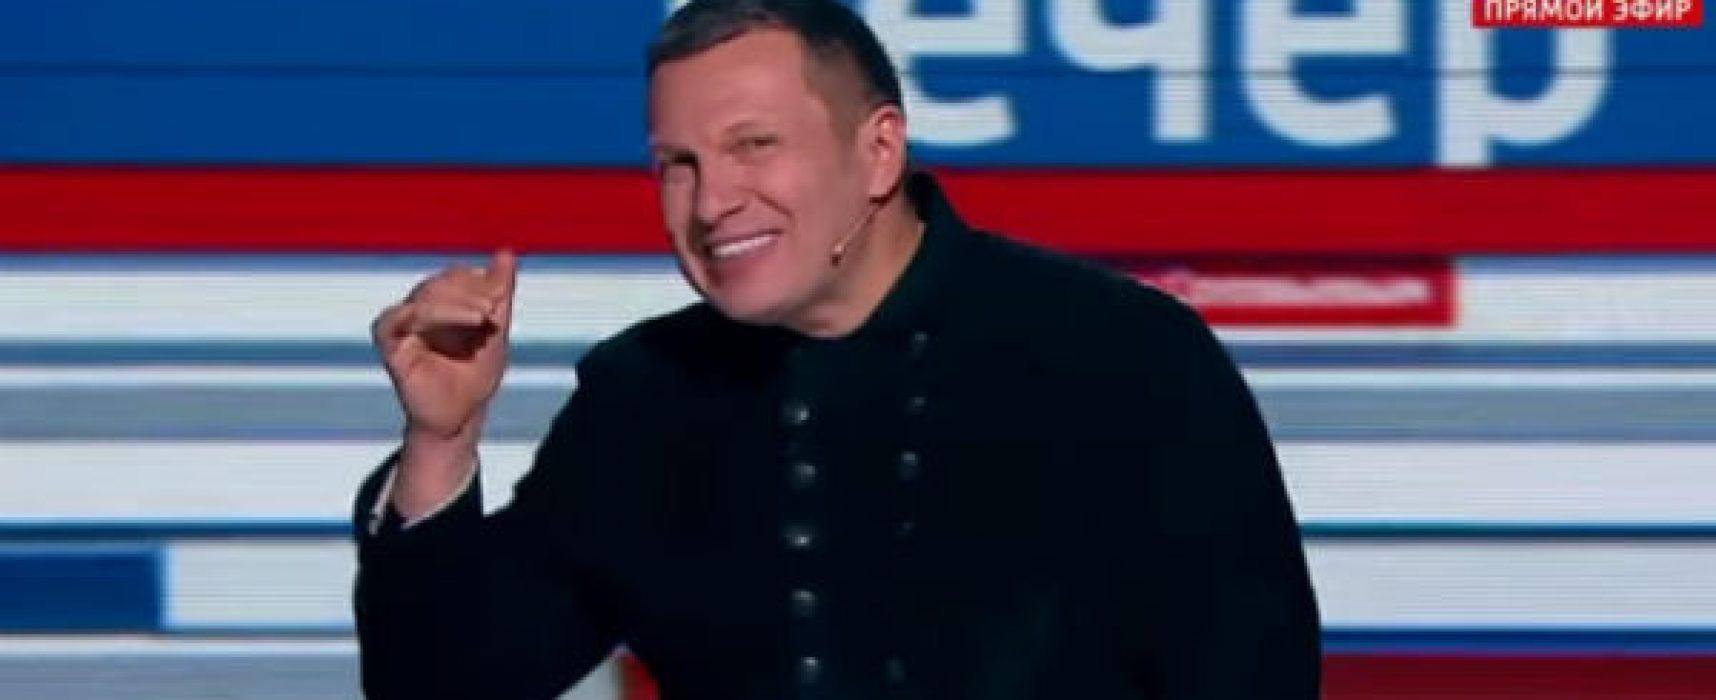 Игорь Яковенко: Путинский хохотальник не выключается никогда